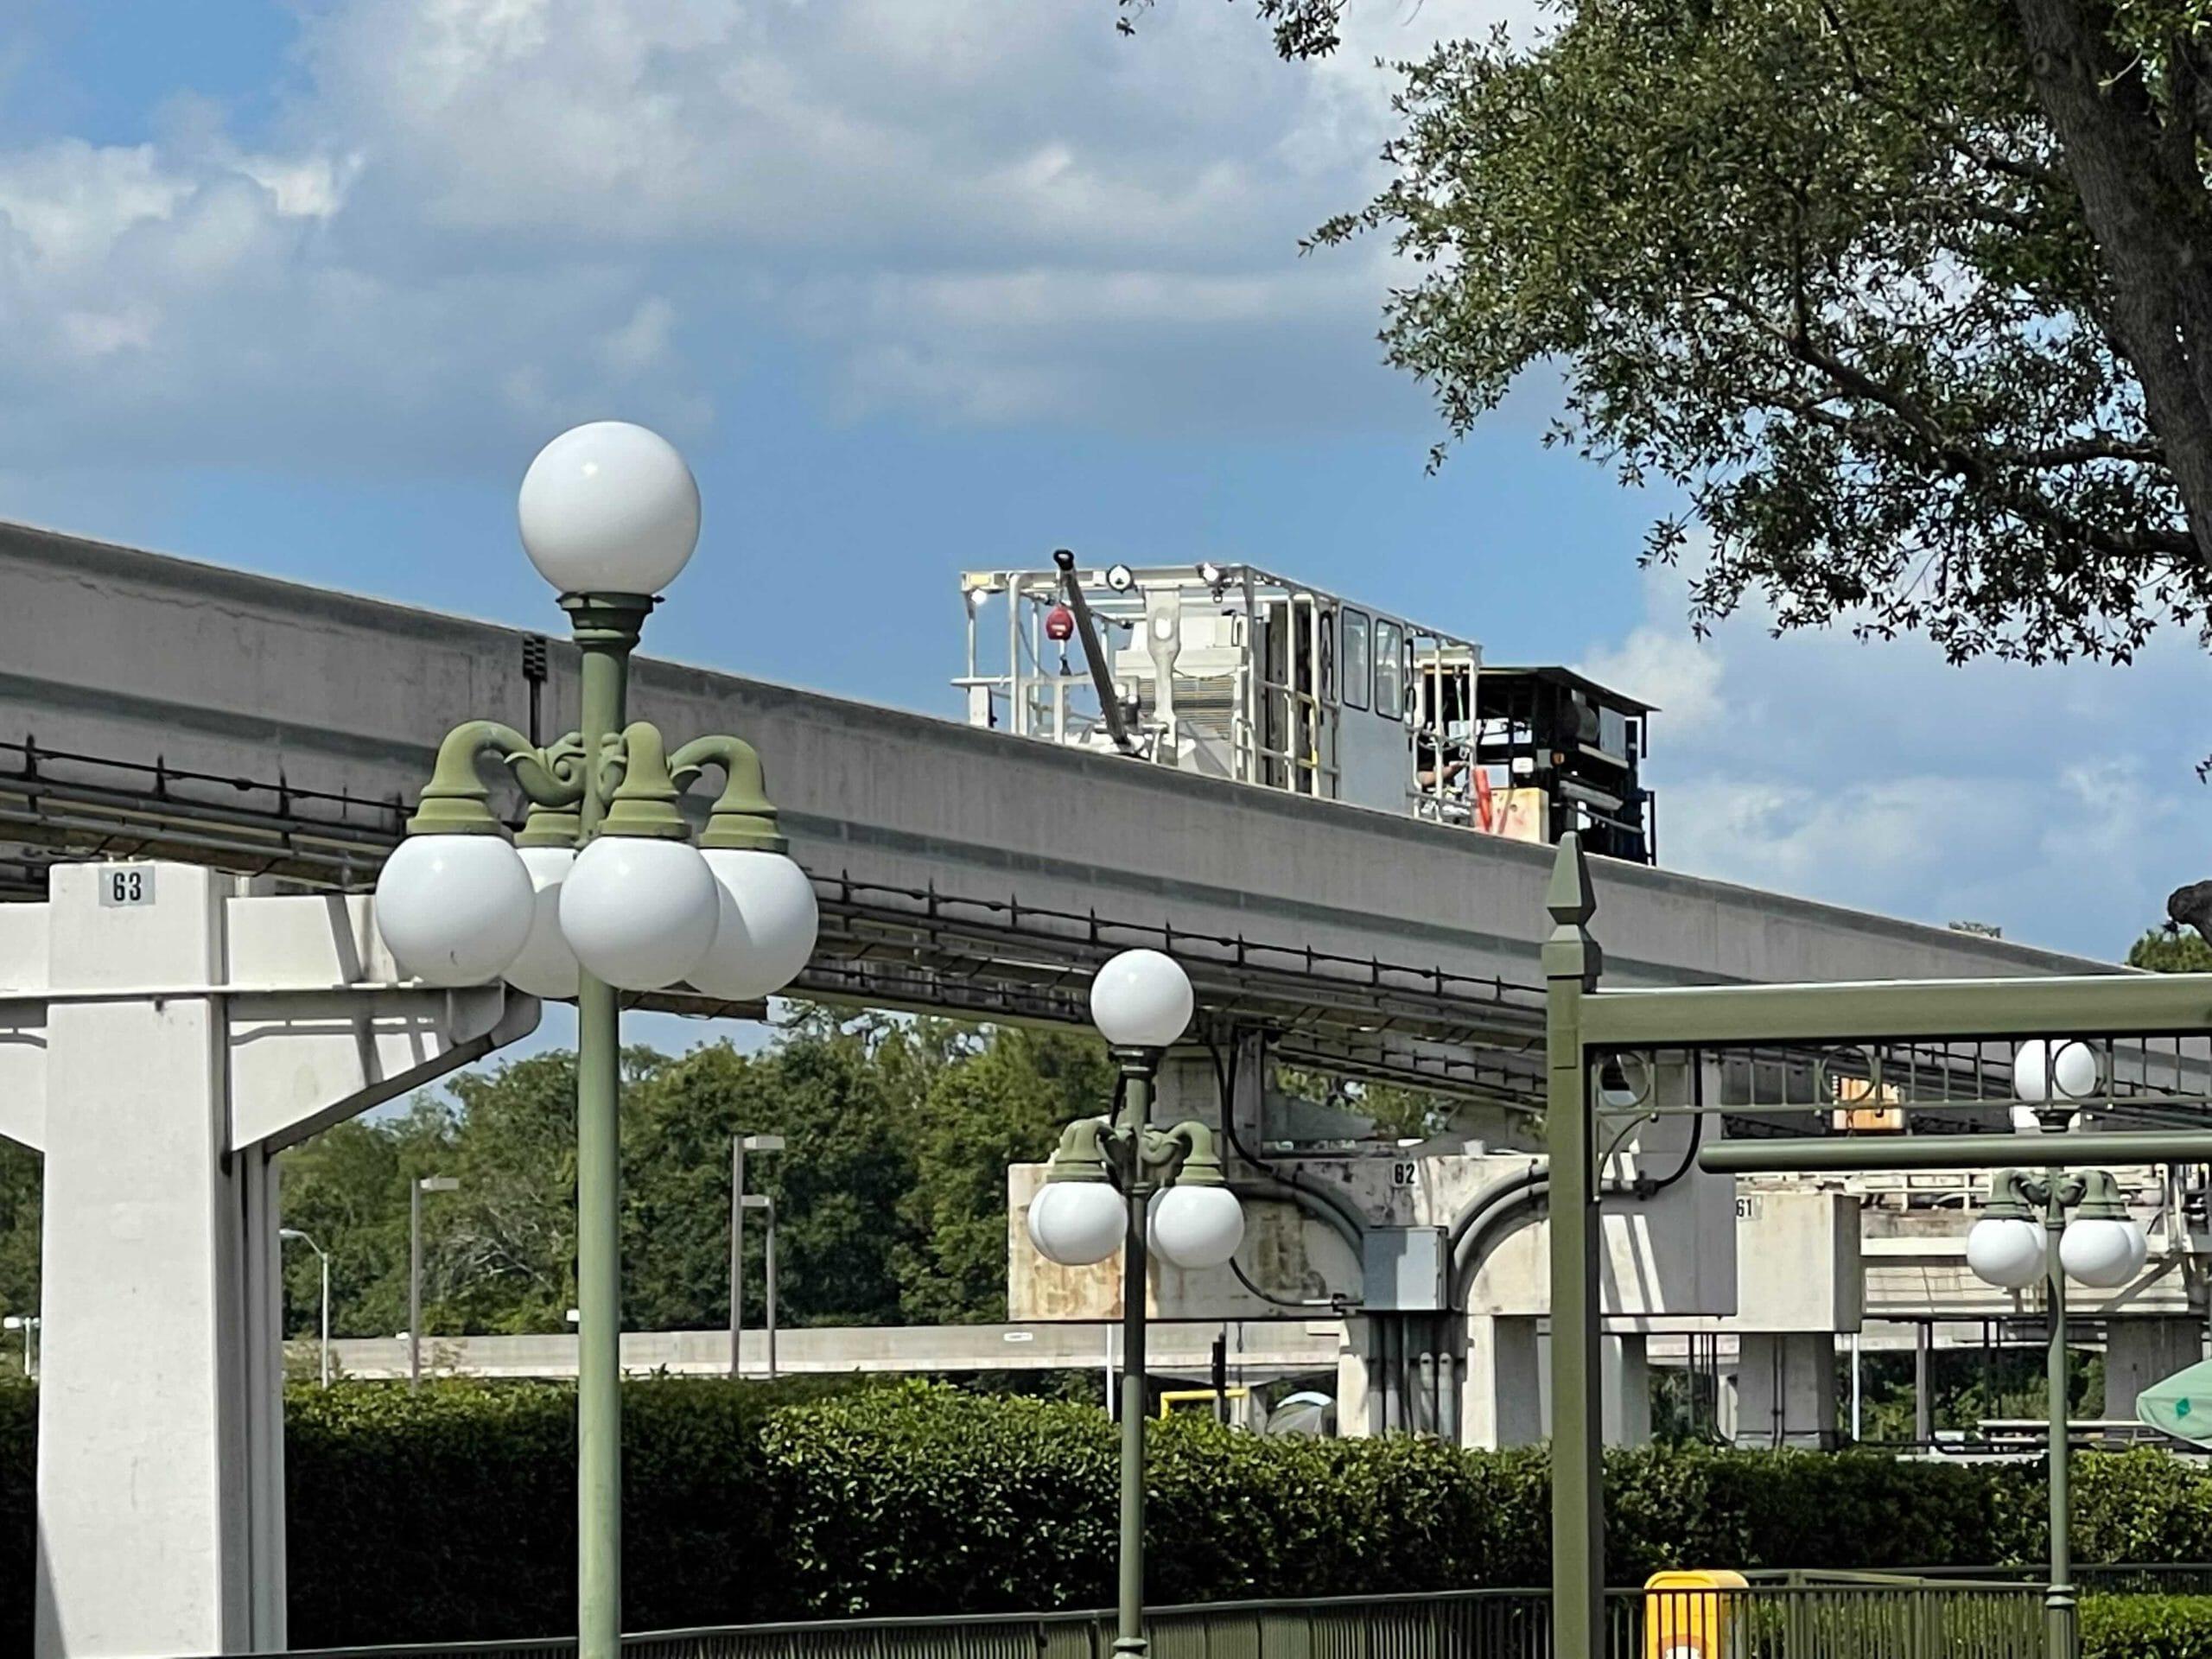 """Cập nhật: Việc sửa chữa đã được tiến hành trên Tuyến tàu điện một ray của Walt Disney World, toàn bộ chi tiết về vụ tai nạn đã được tiết lộ, Disney Walk đã đóng cửa để thông báo cho khách """"bảo trì định kỳ"""""""